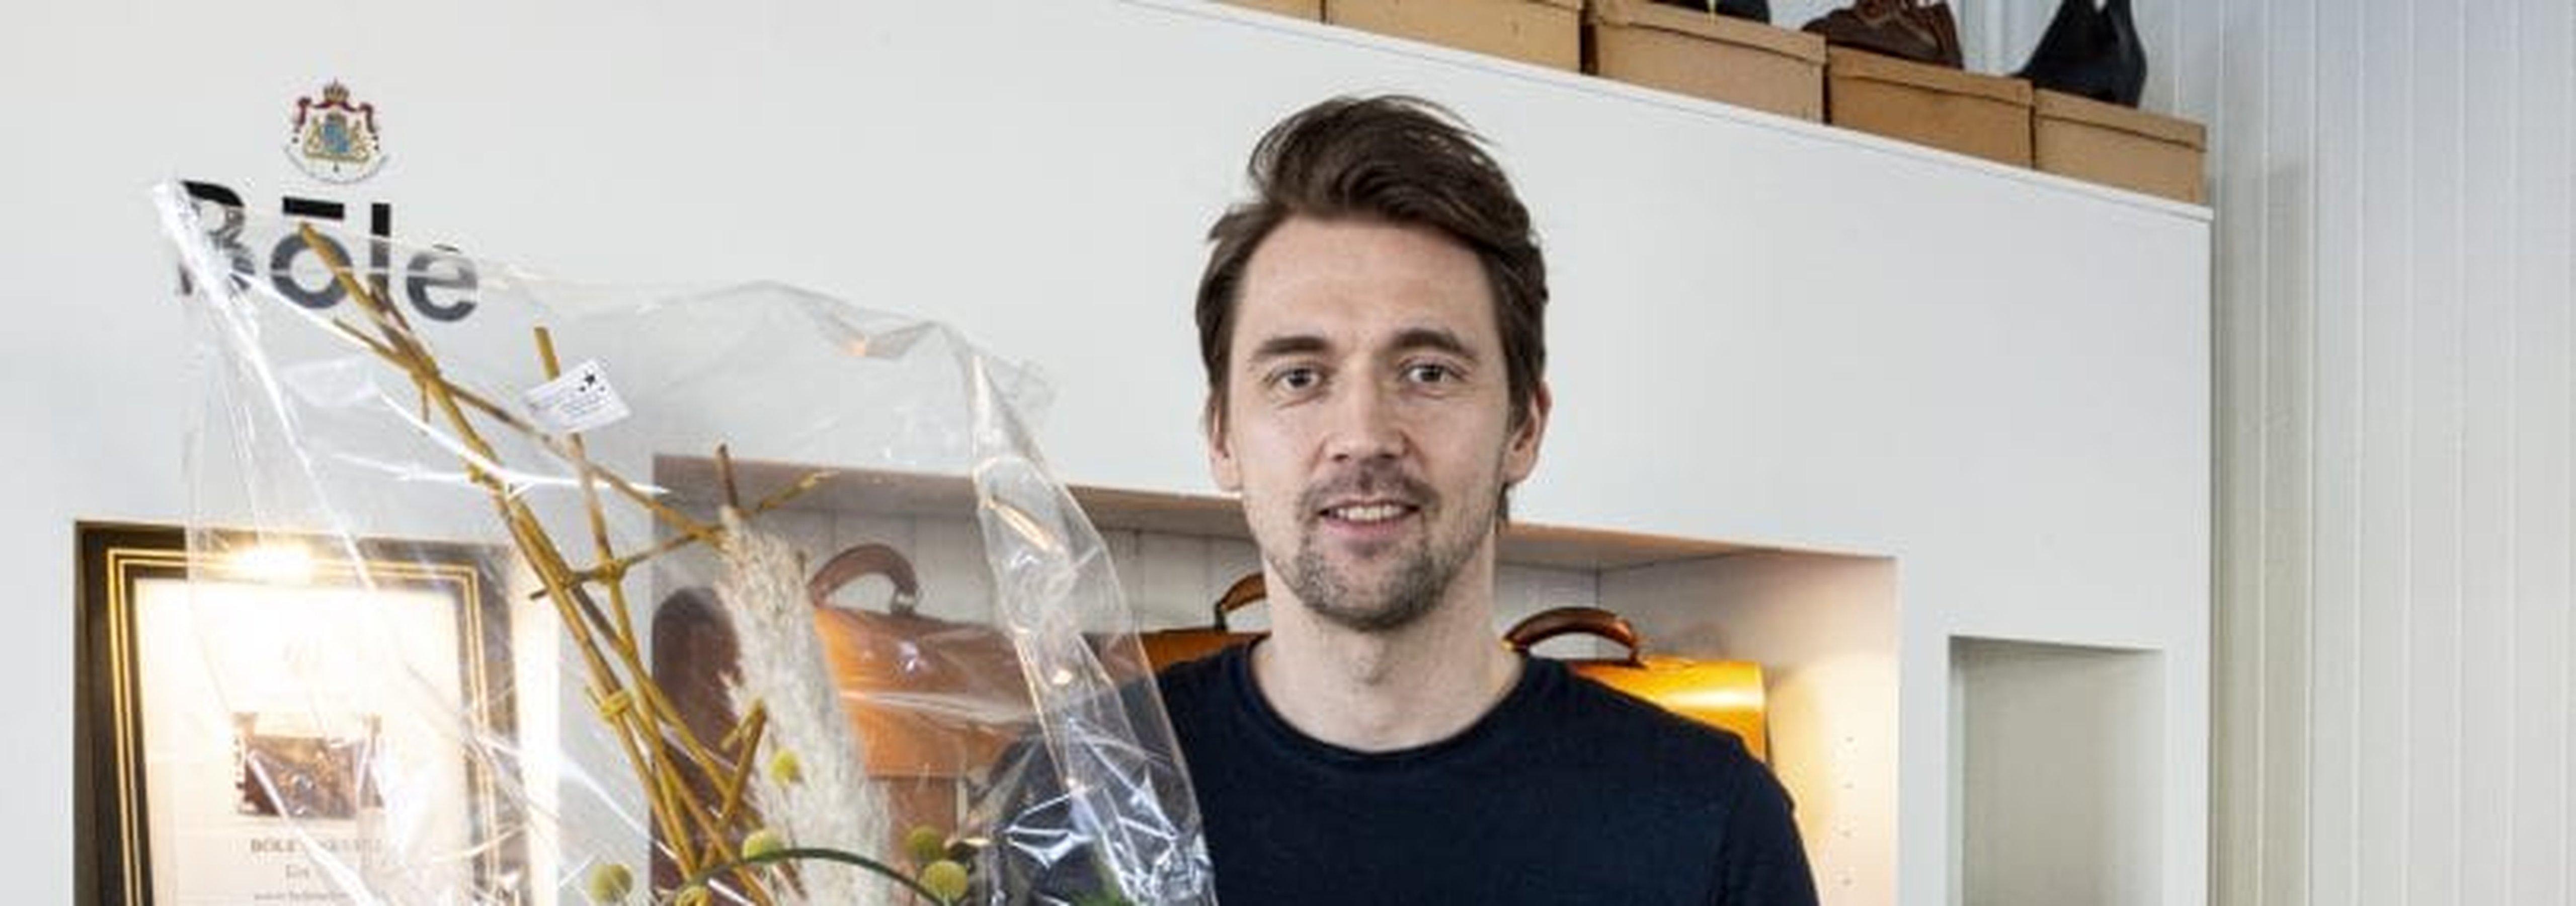 Vinnaren-Anders-Sandlund